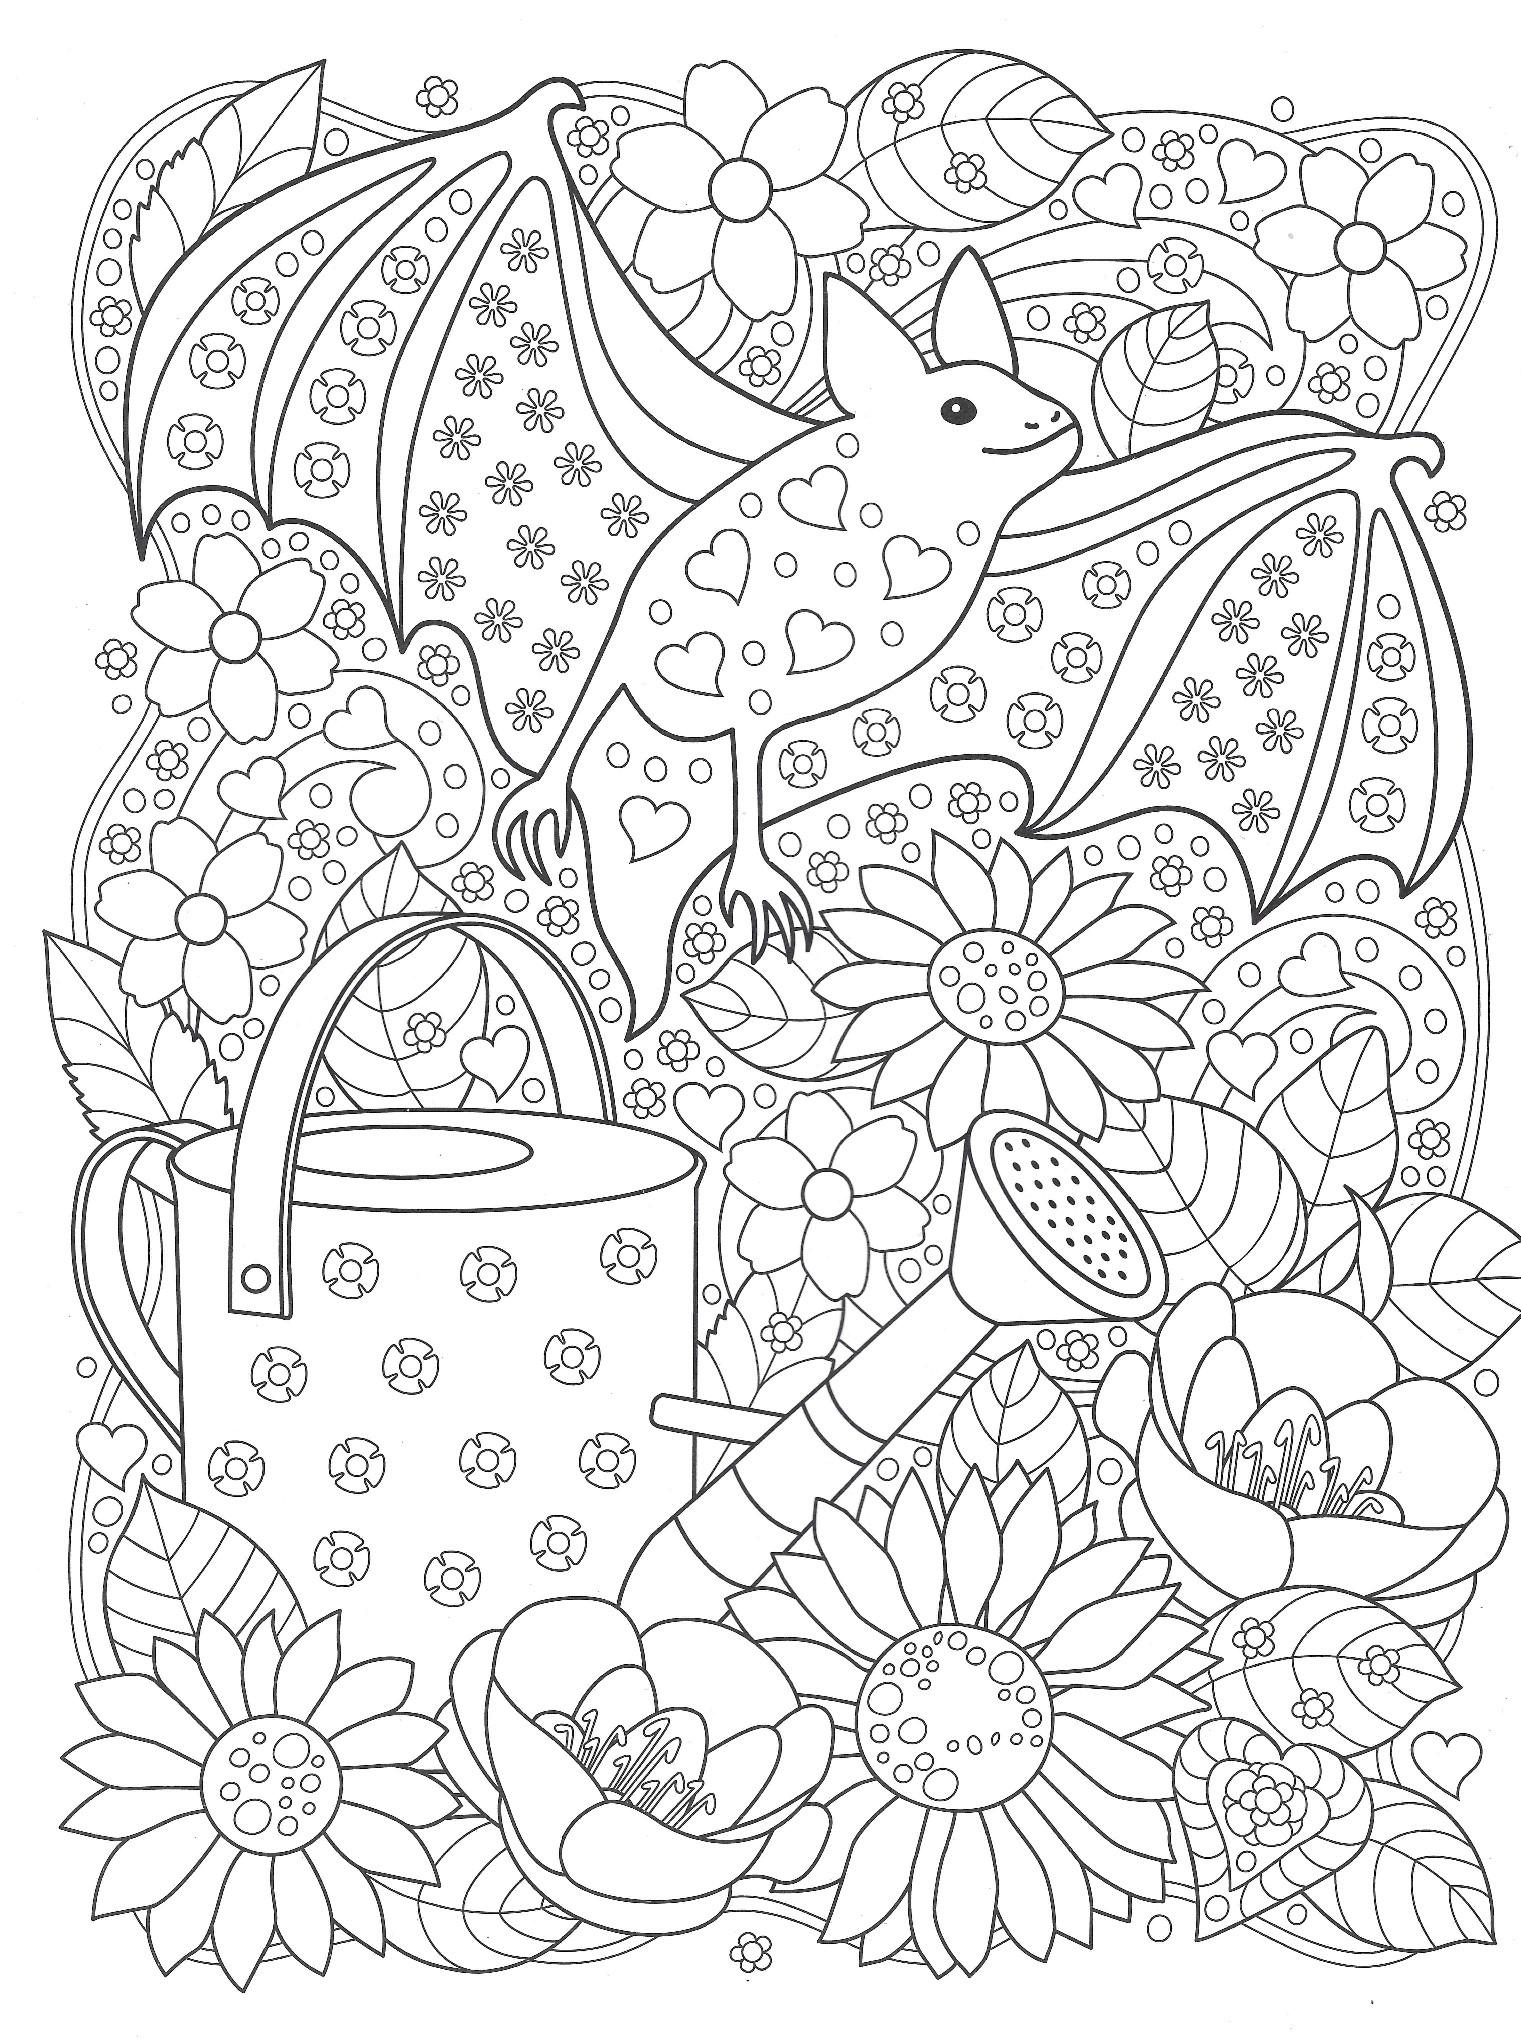 Летучая мышь в саду - Животные - Раскраски антистресс